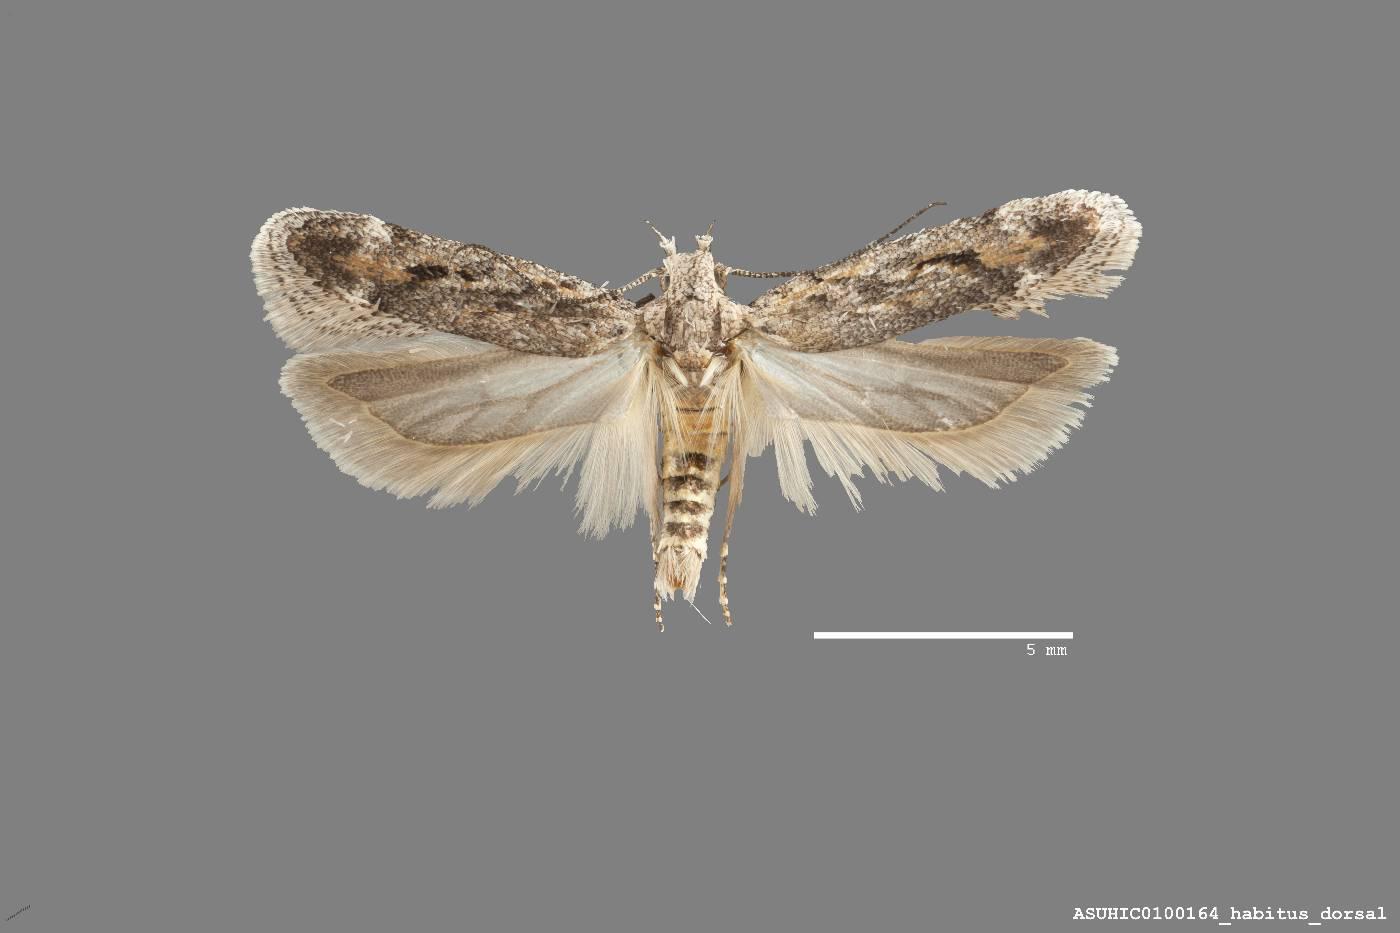 Filatima nigripectus image